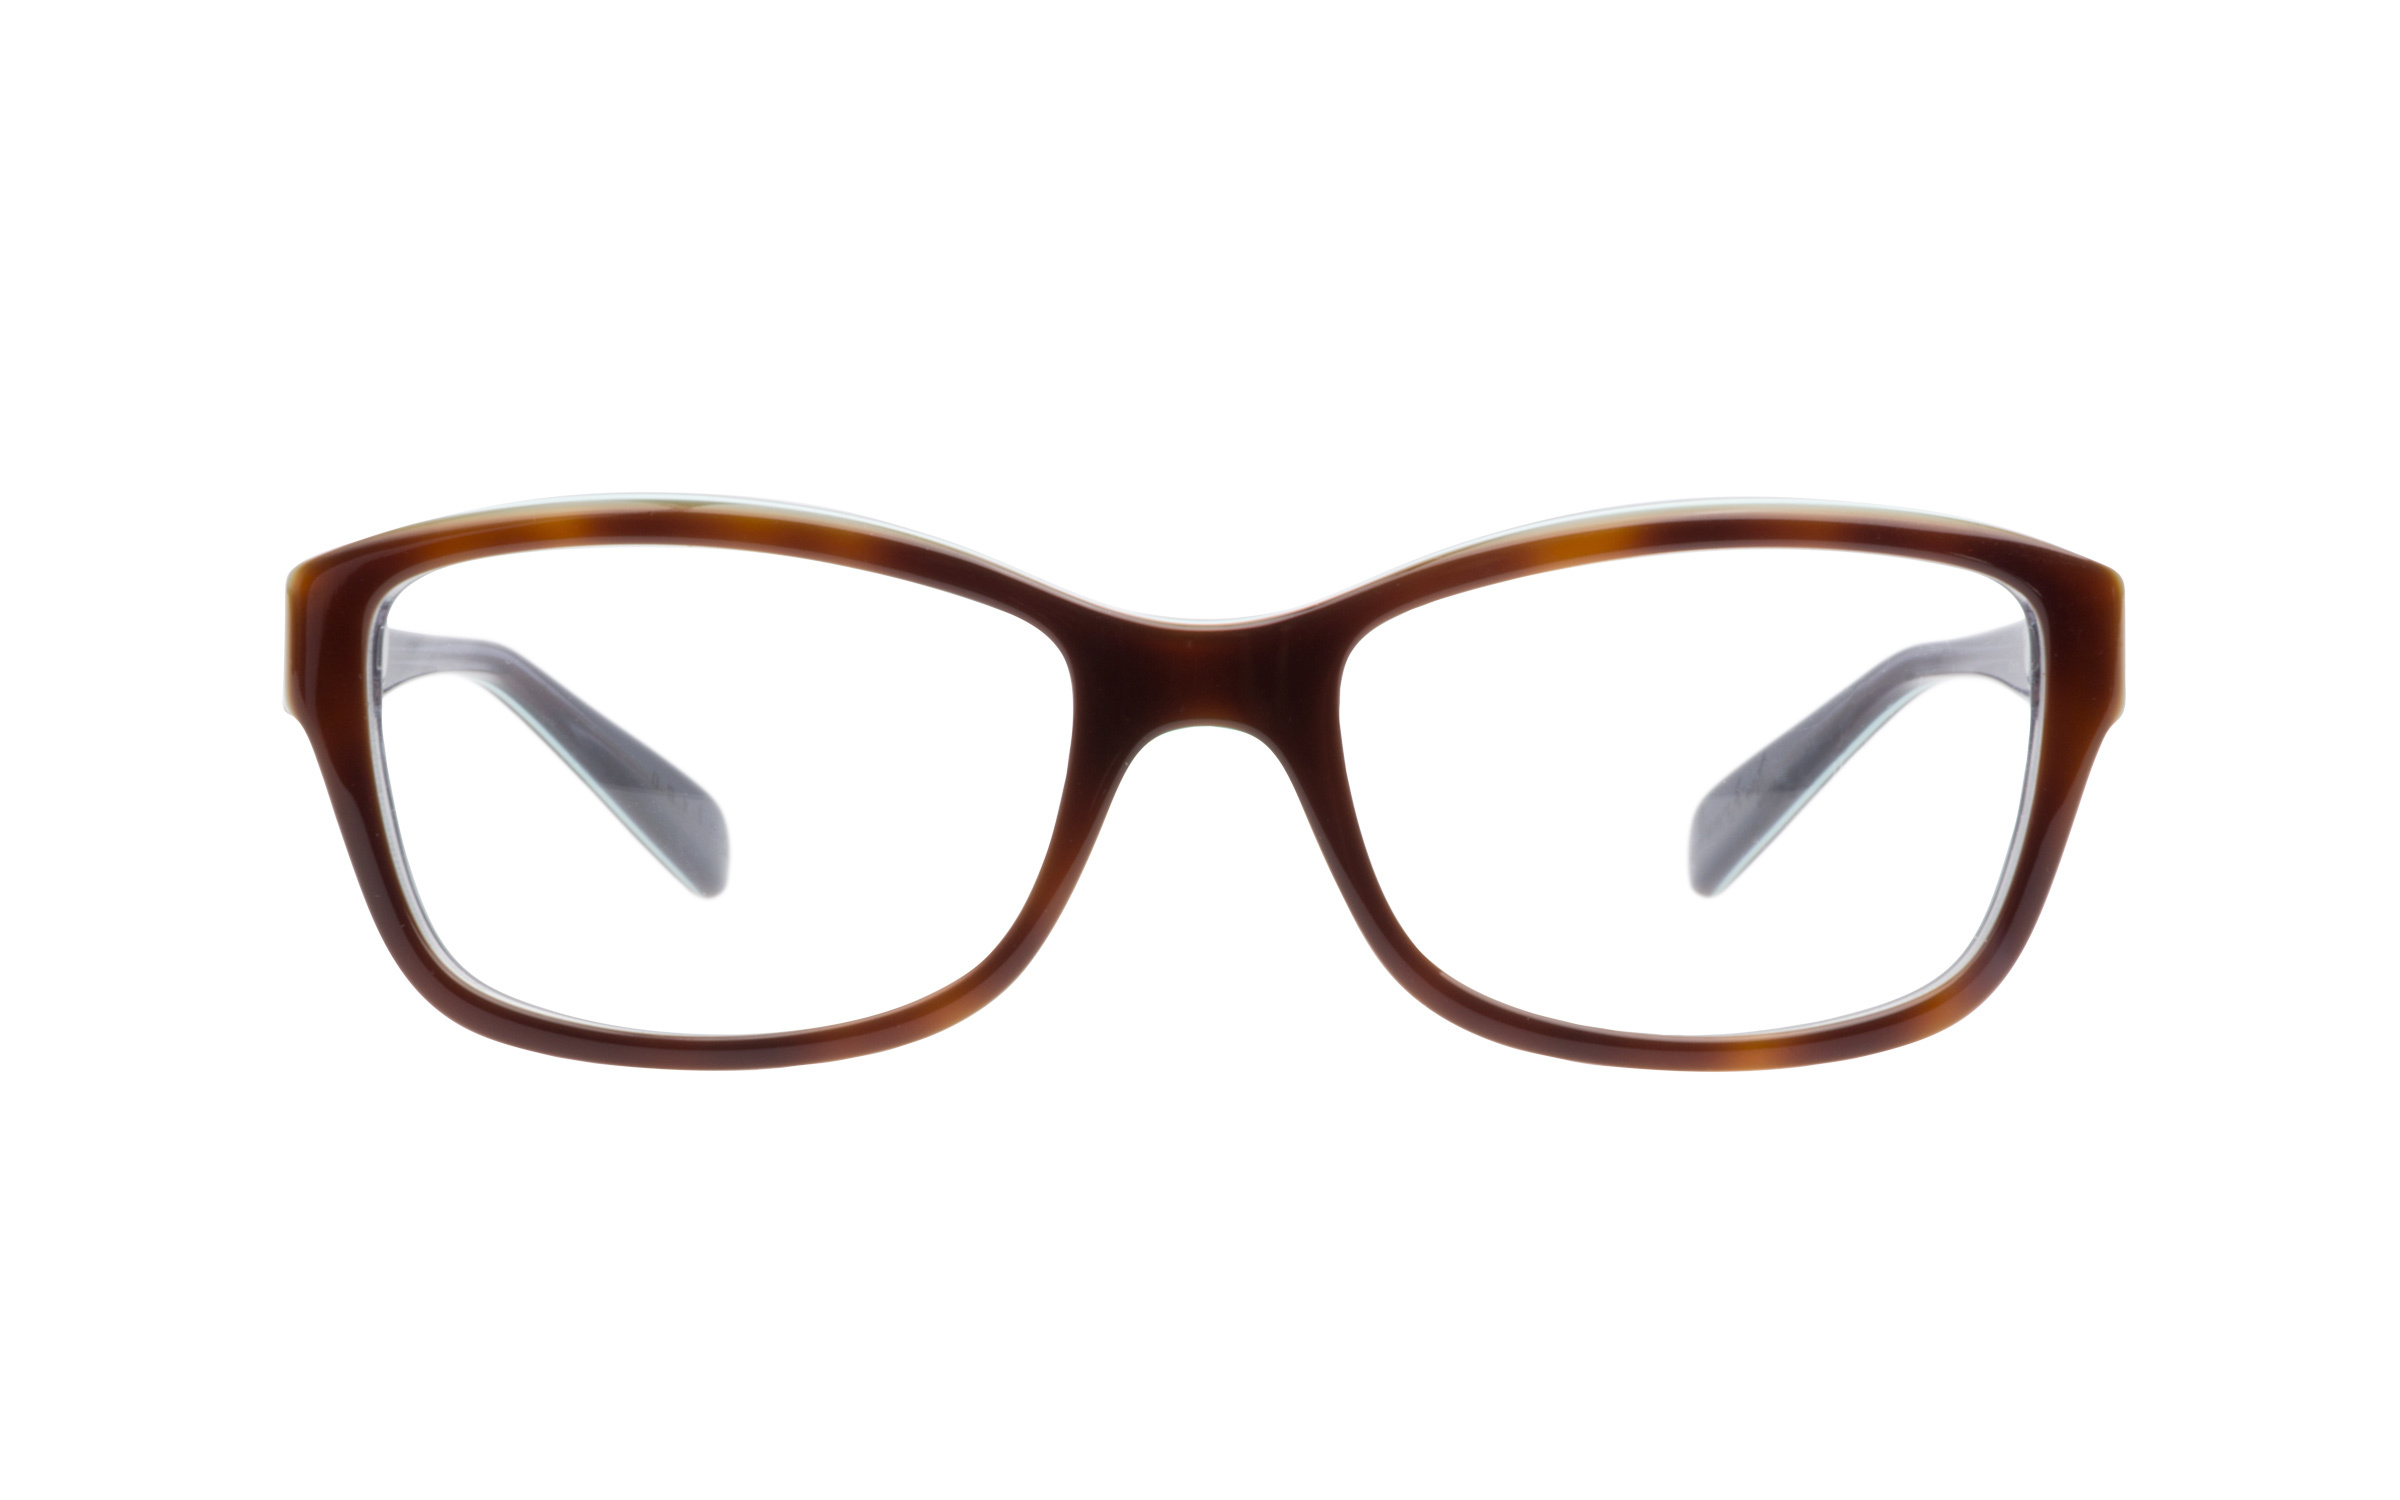 Oakley Junket 1087 0252 Tortoise Sky Glasses, Eyeglasses ...